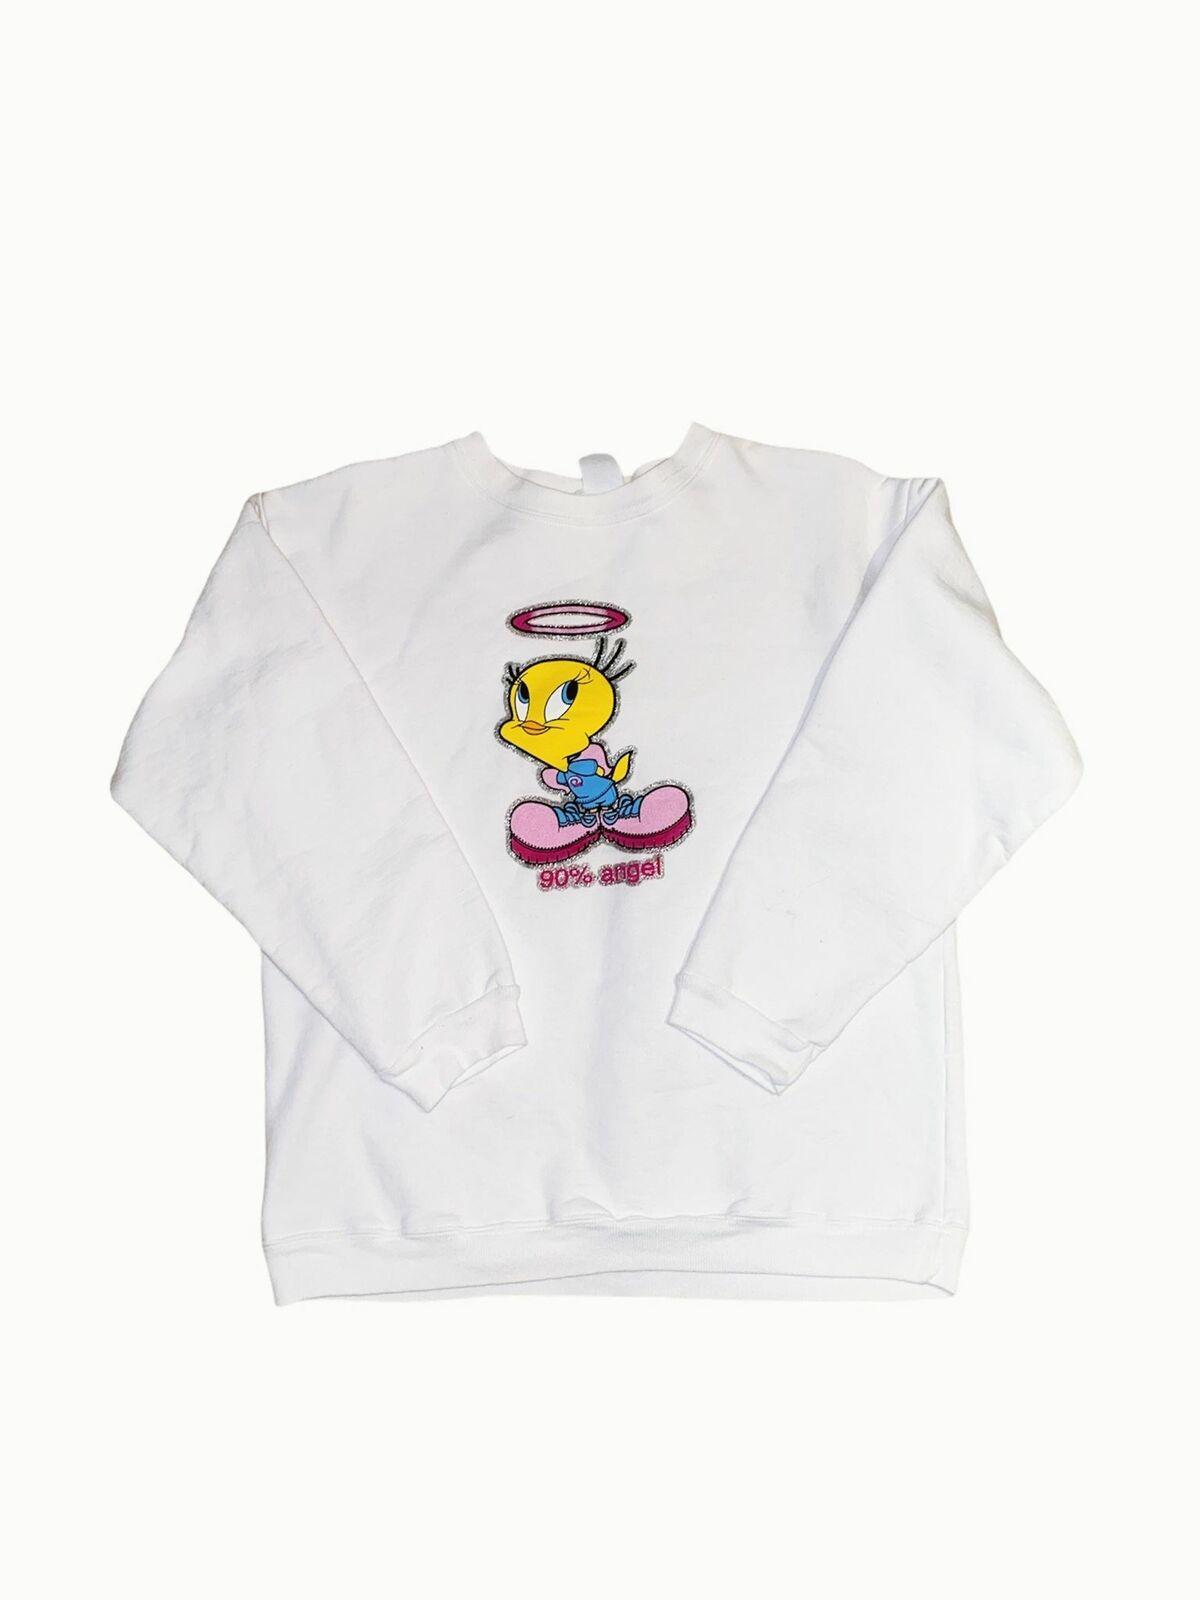 S 90% Angel Tweety Bird Sweatshirt